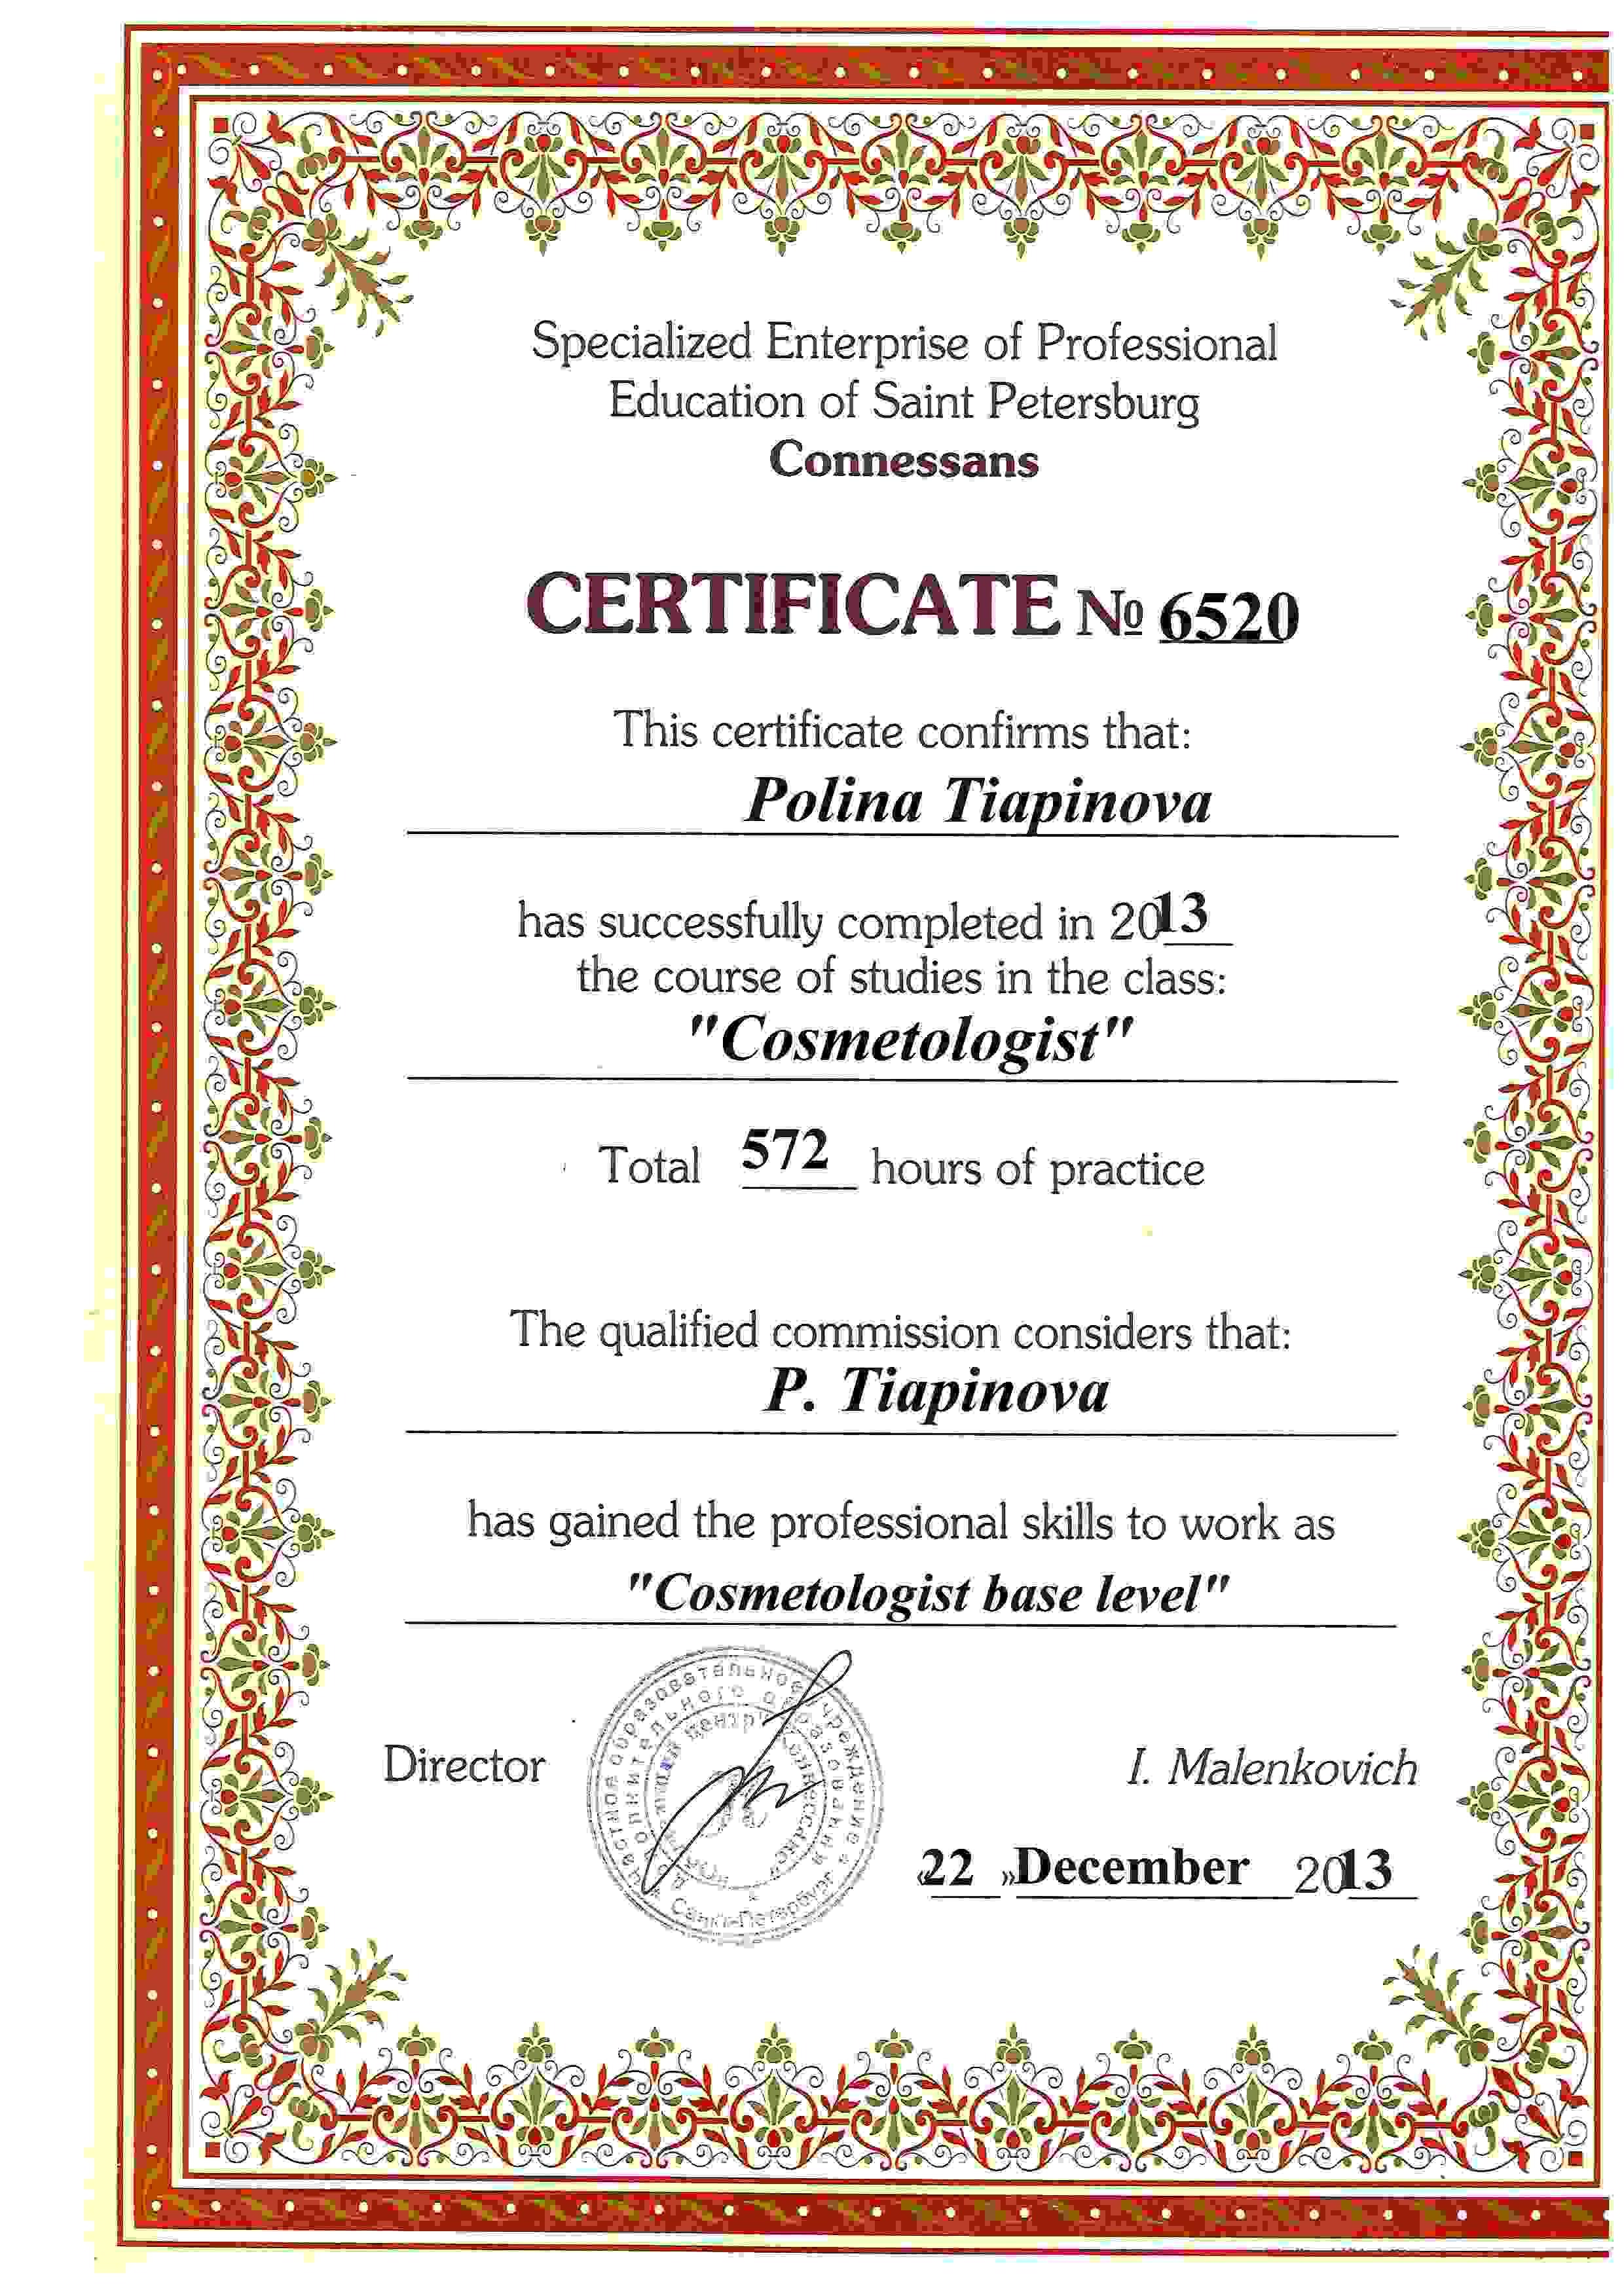 Сертификат Соловьева 9